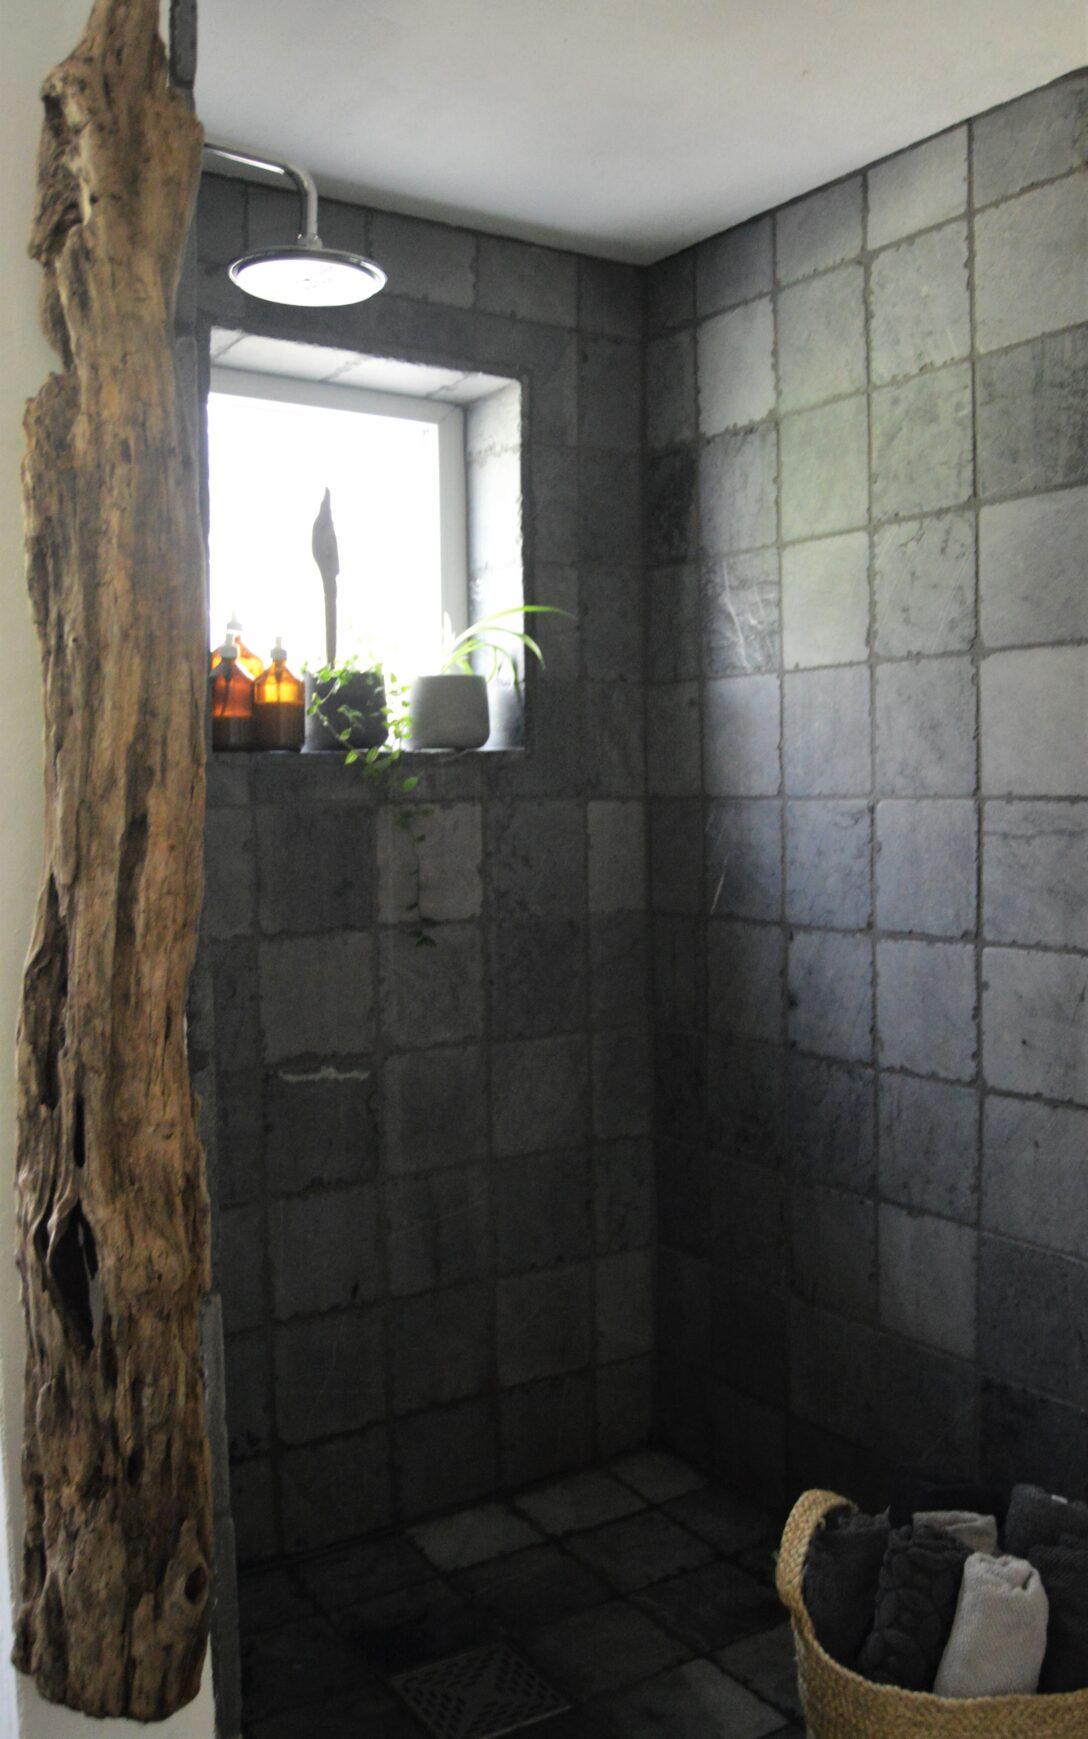 Large Size of Begehbare Dusche Breuer Duschen Moderne Abfluss Einhebelmischer Ebenerdige Badewanne Mit Bidet Unterputz Antirutschmatte Einbauen Nischentür Fliesen Für Dusche Begehbare Dusche